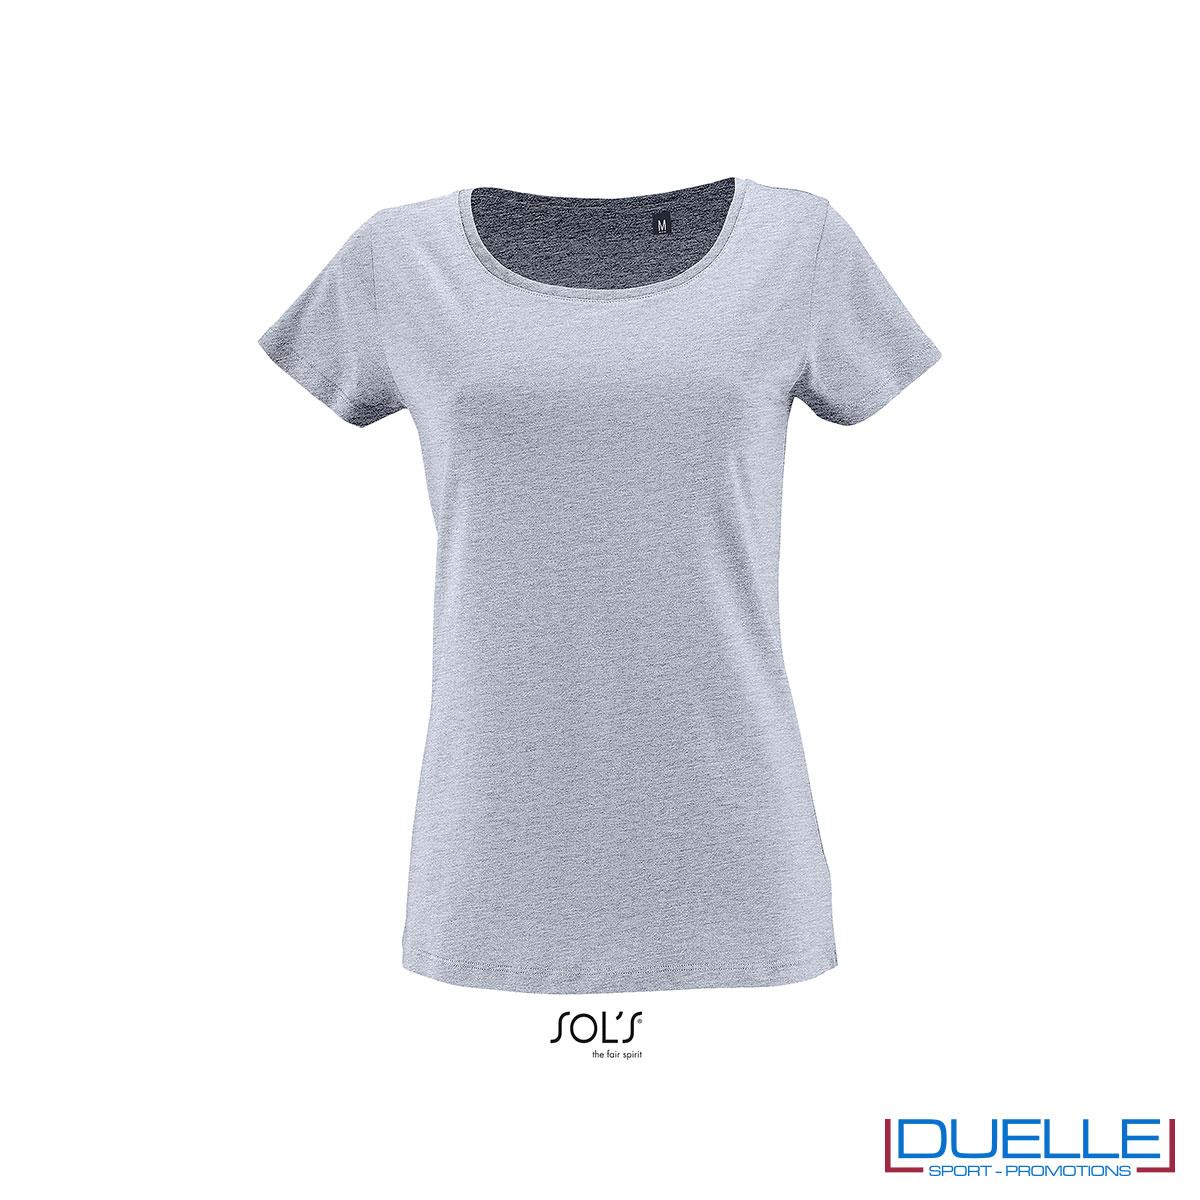 maglia donna celeste 100% cotone